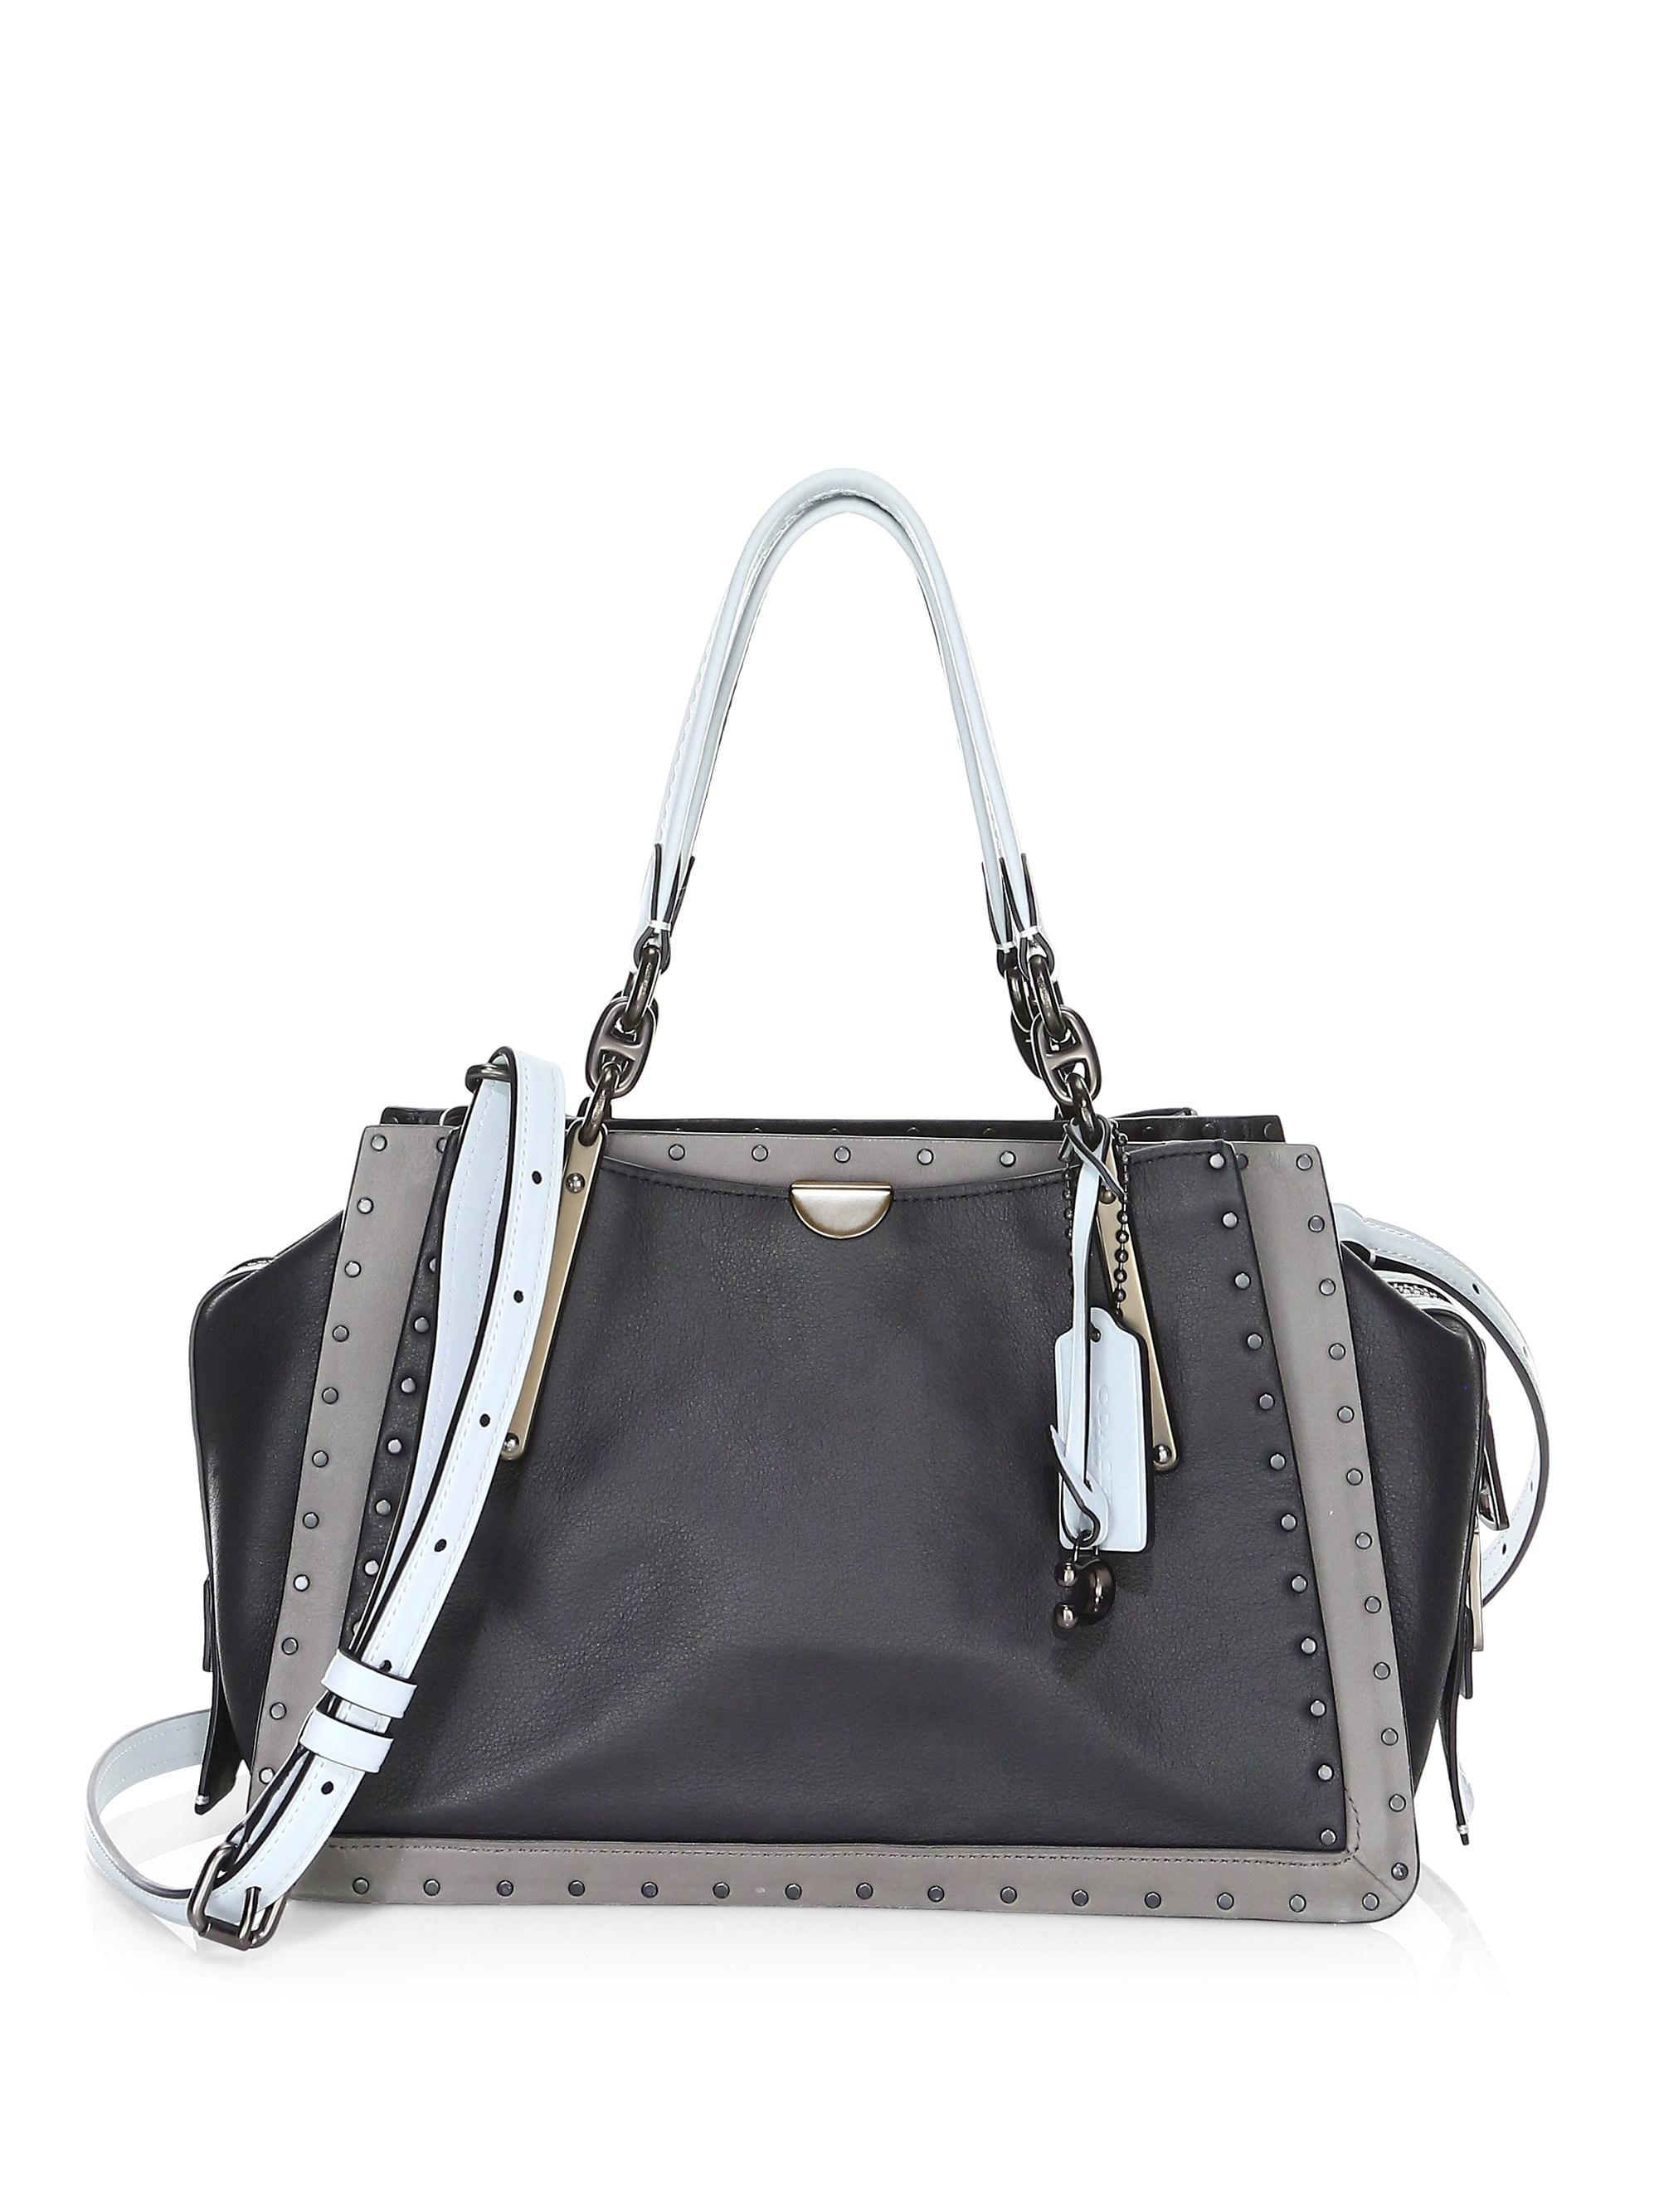 b4c68bb2e8 ... france coach dreamer rivet trim leather tote bag in black lyst 53925  71865